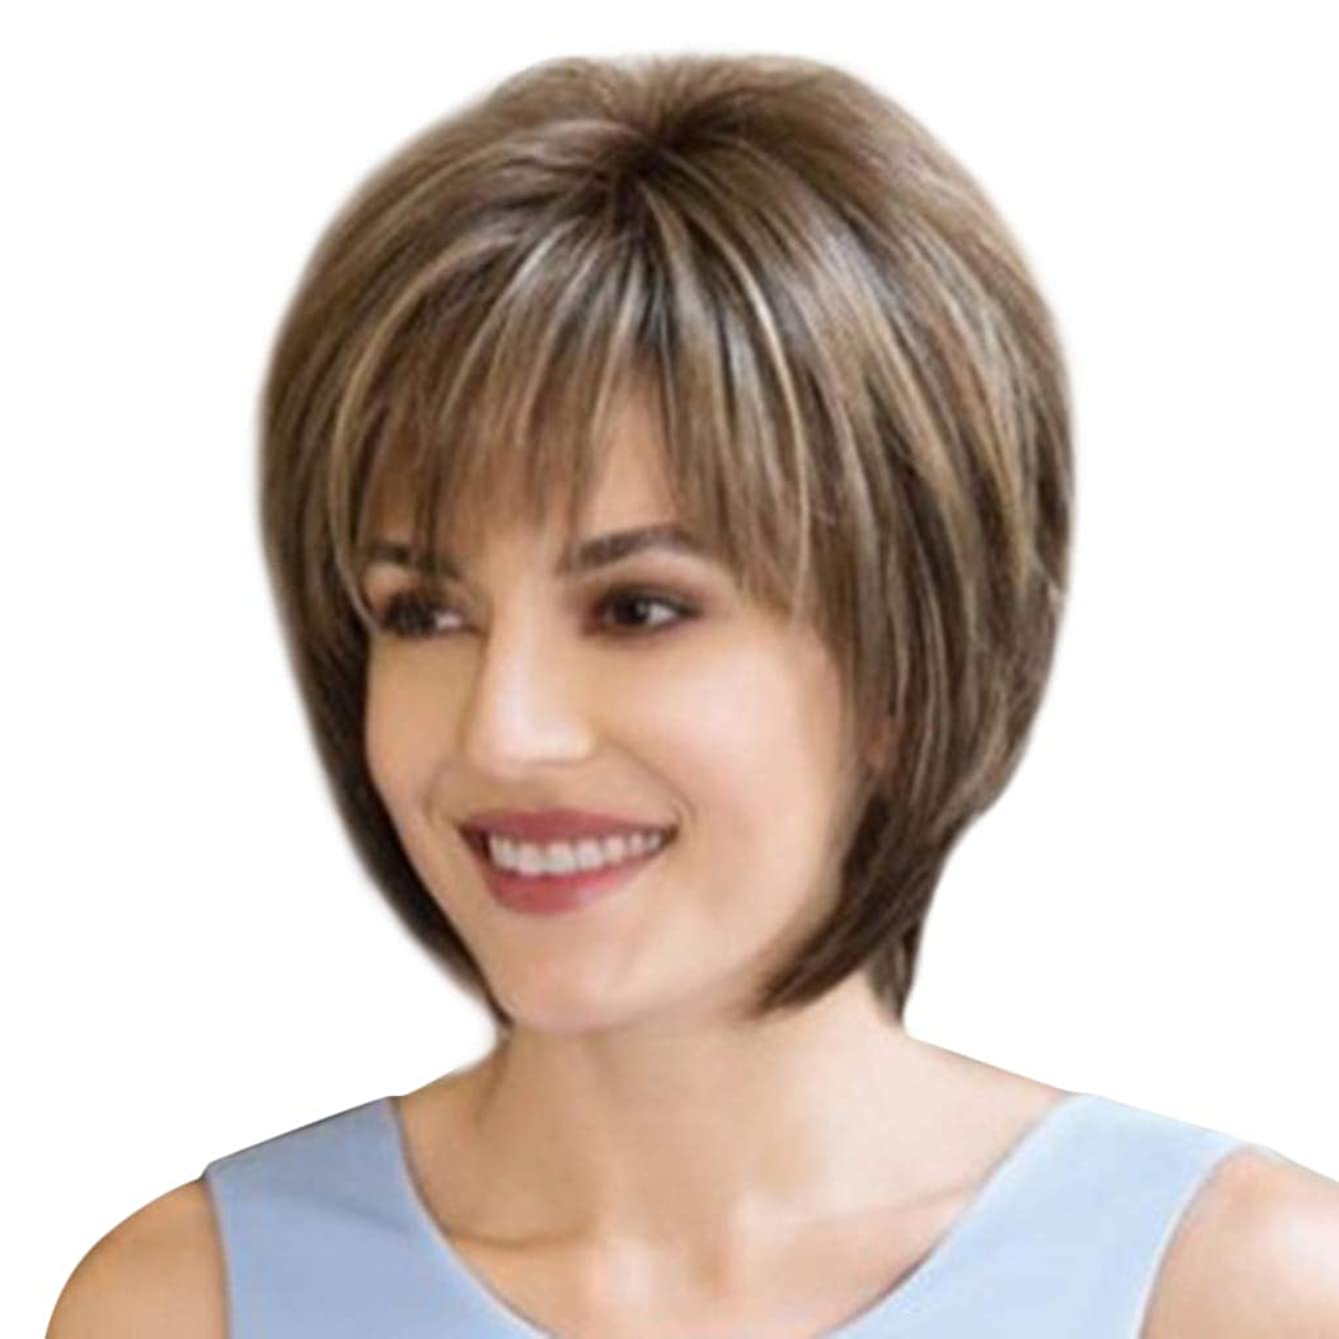 前部スイッチ汚染するCinhent 8インチファッション合成ストレートショートレディースウィッグふわふわ染色天然のリアルな髪の毛のかつら女性のファイバー